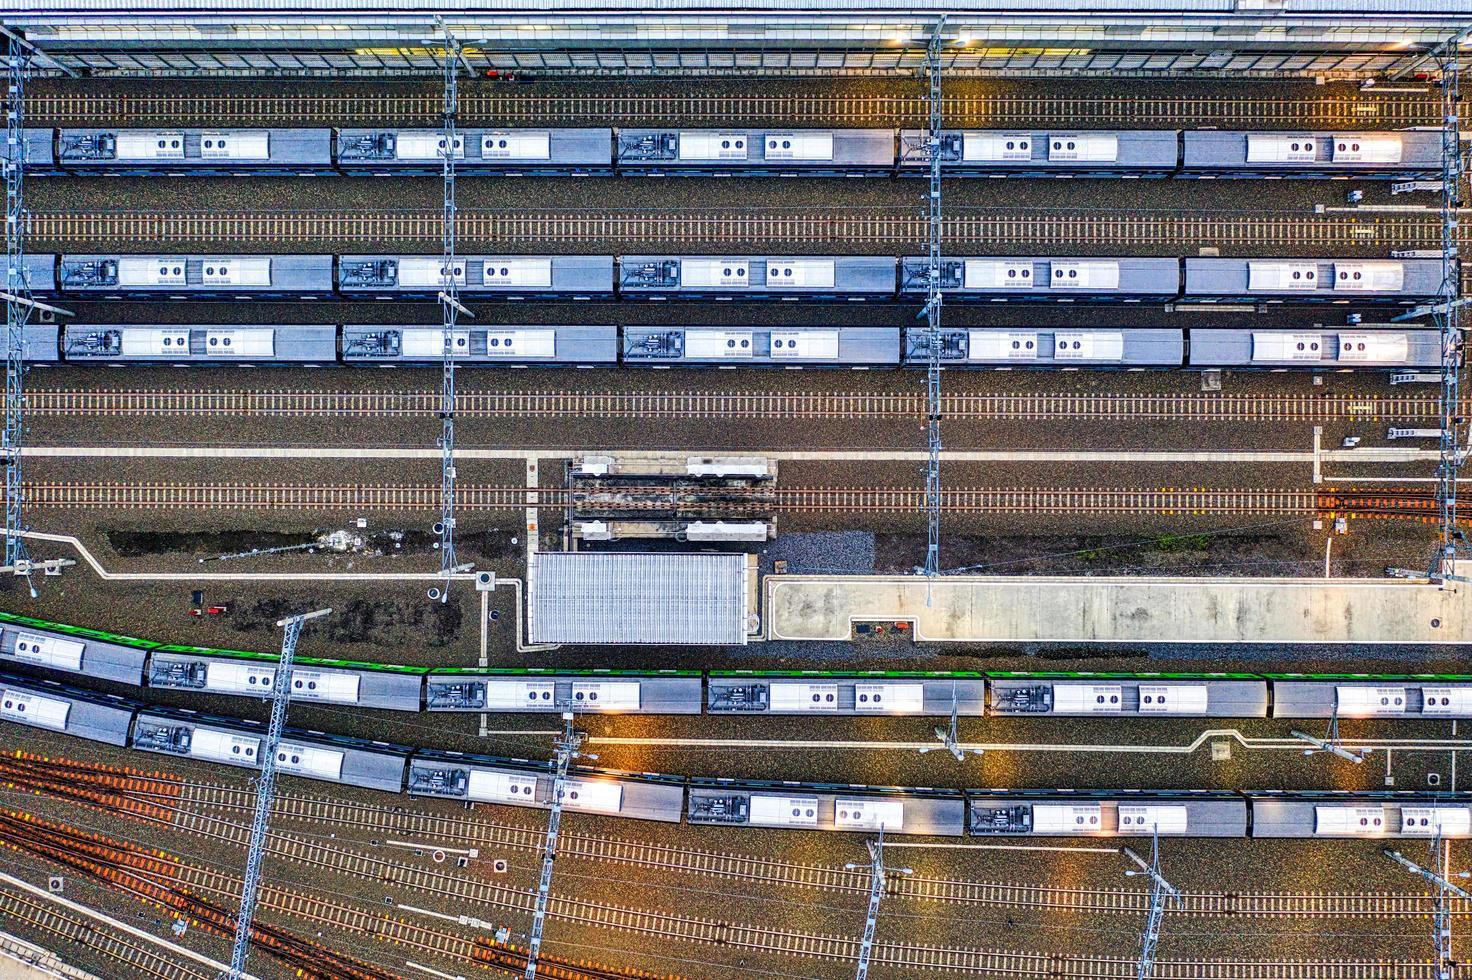 vista aérea de la estación de tren foto